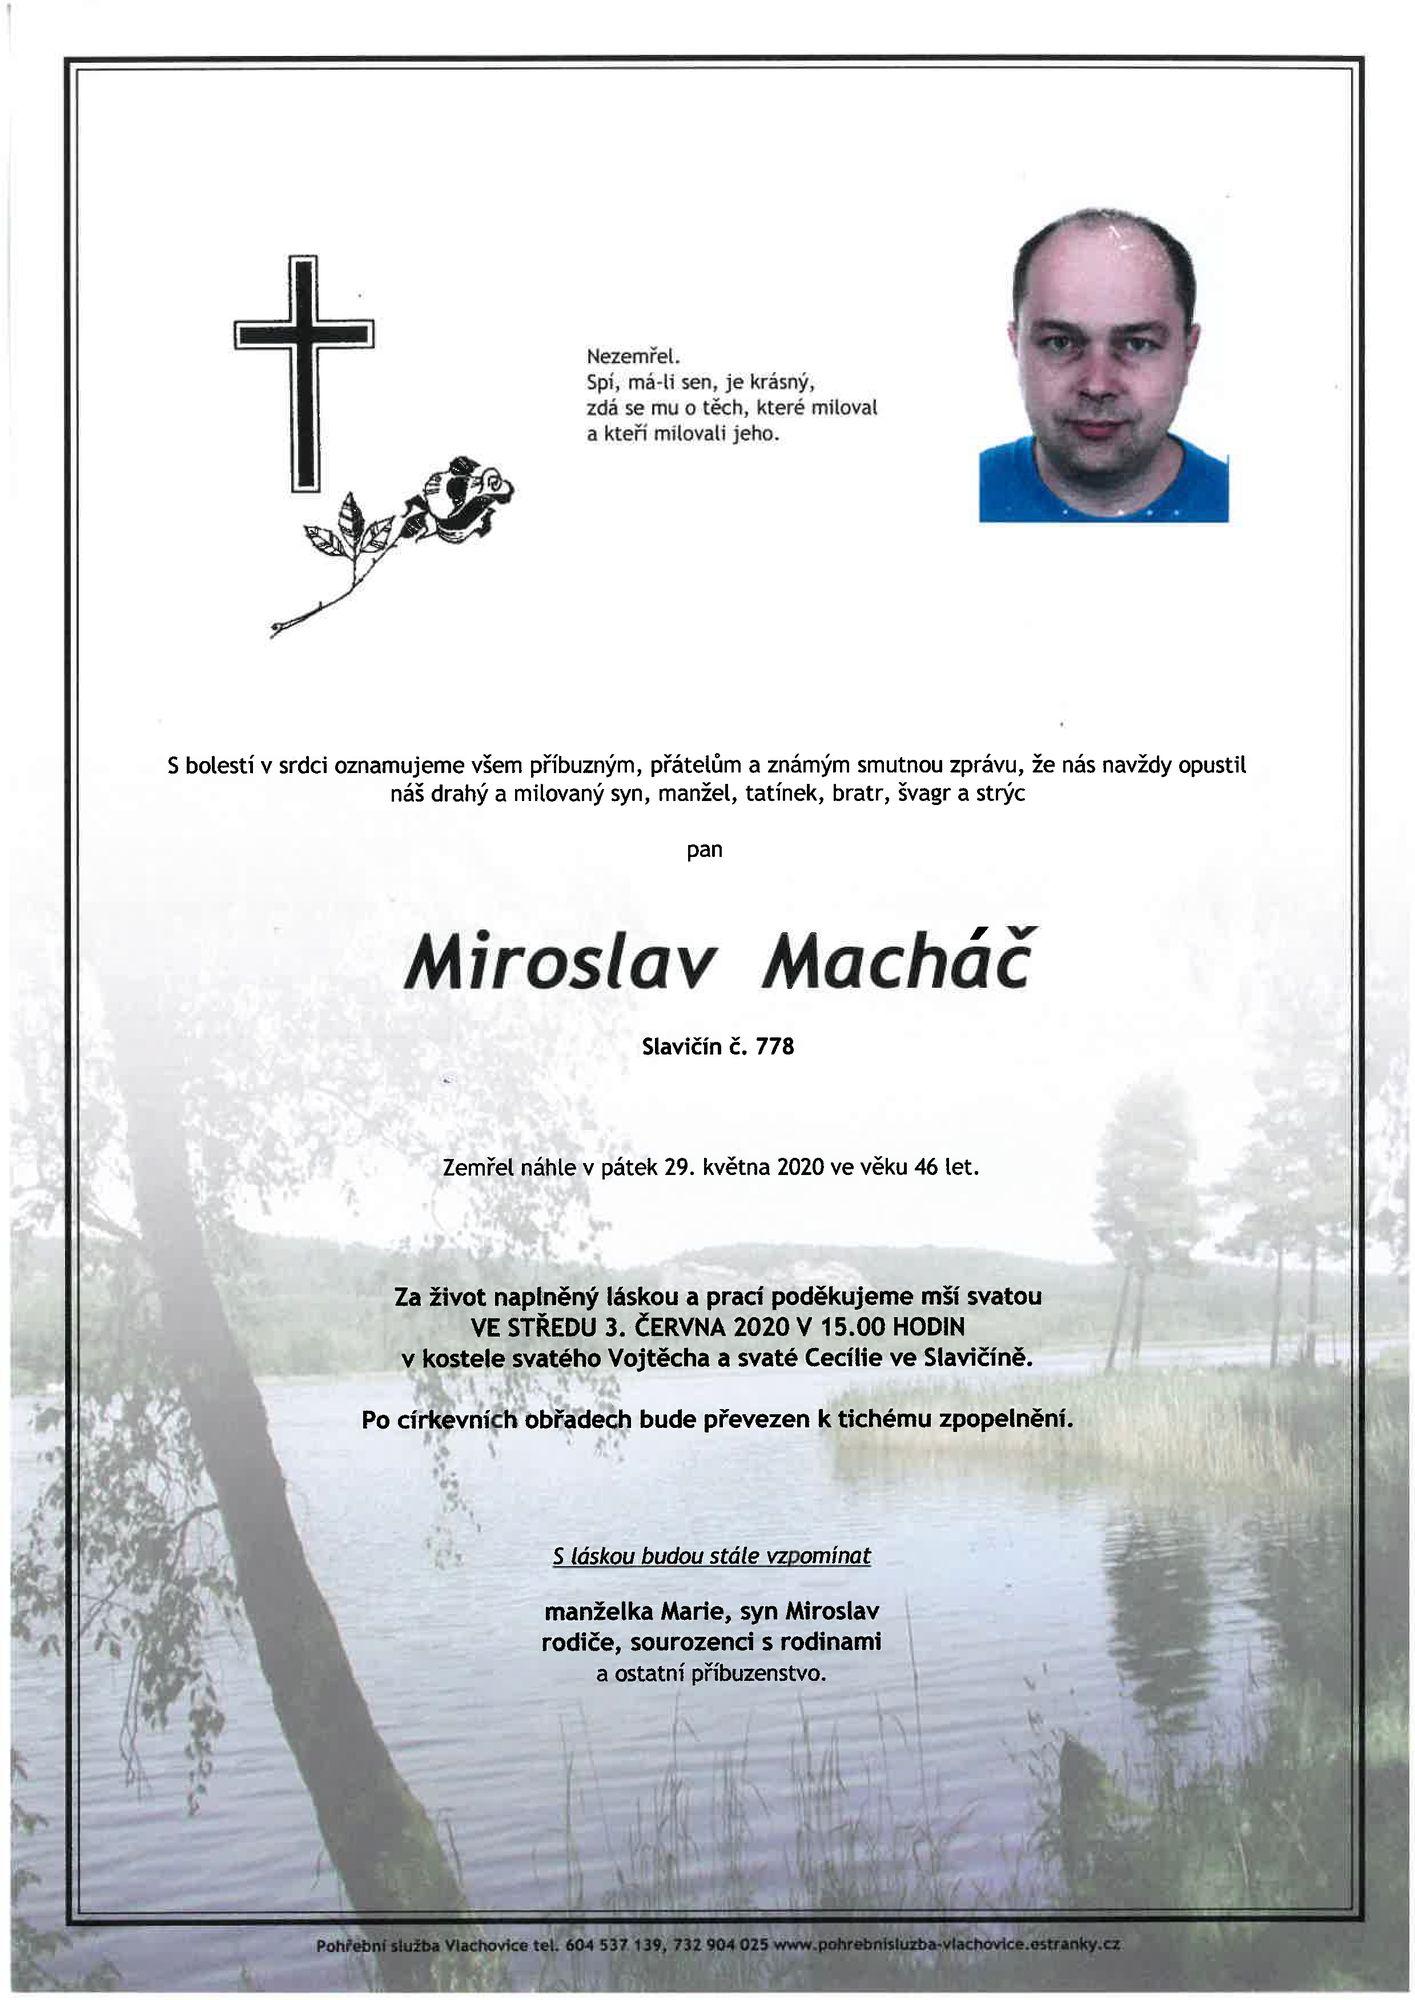 Miroslav Macháč